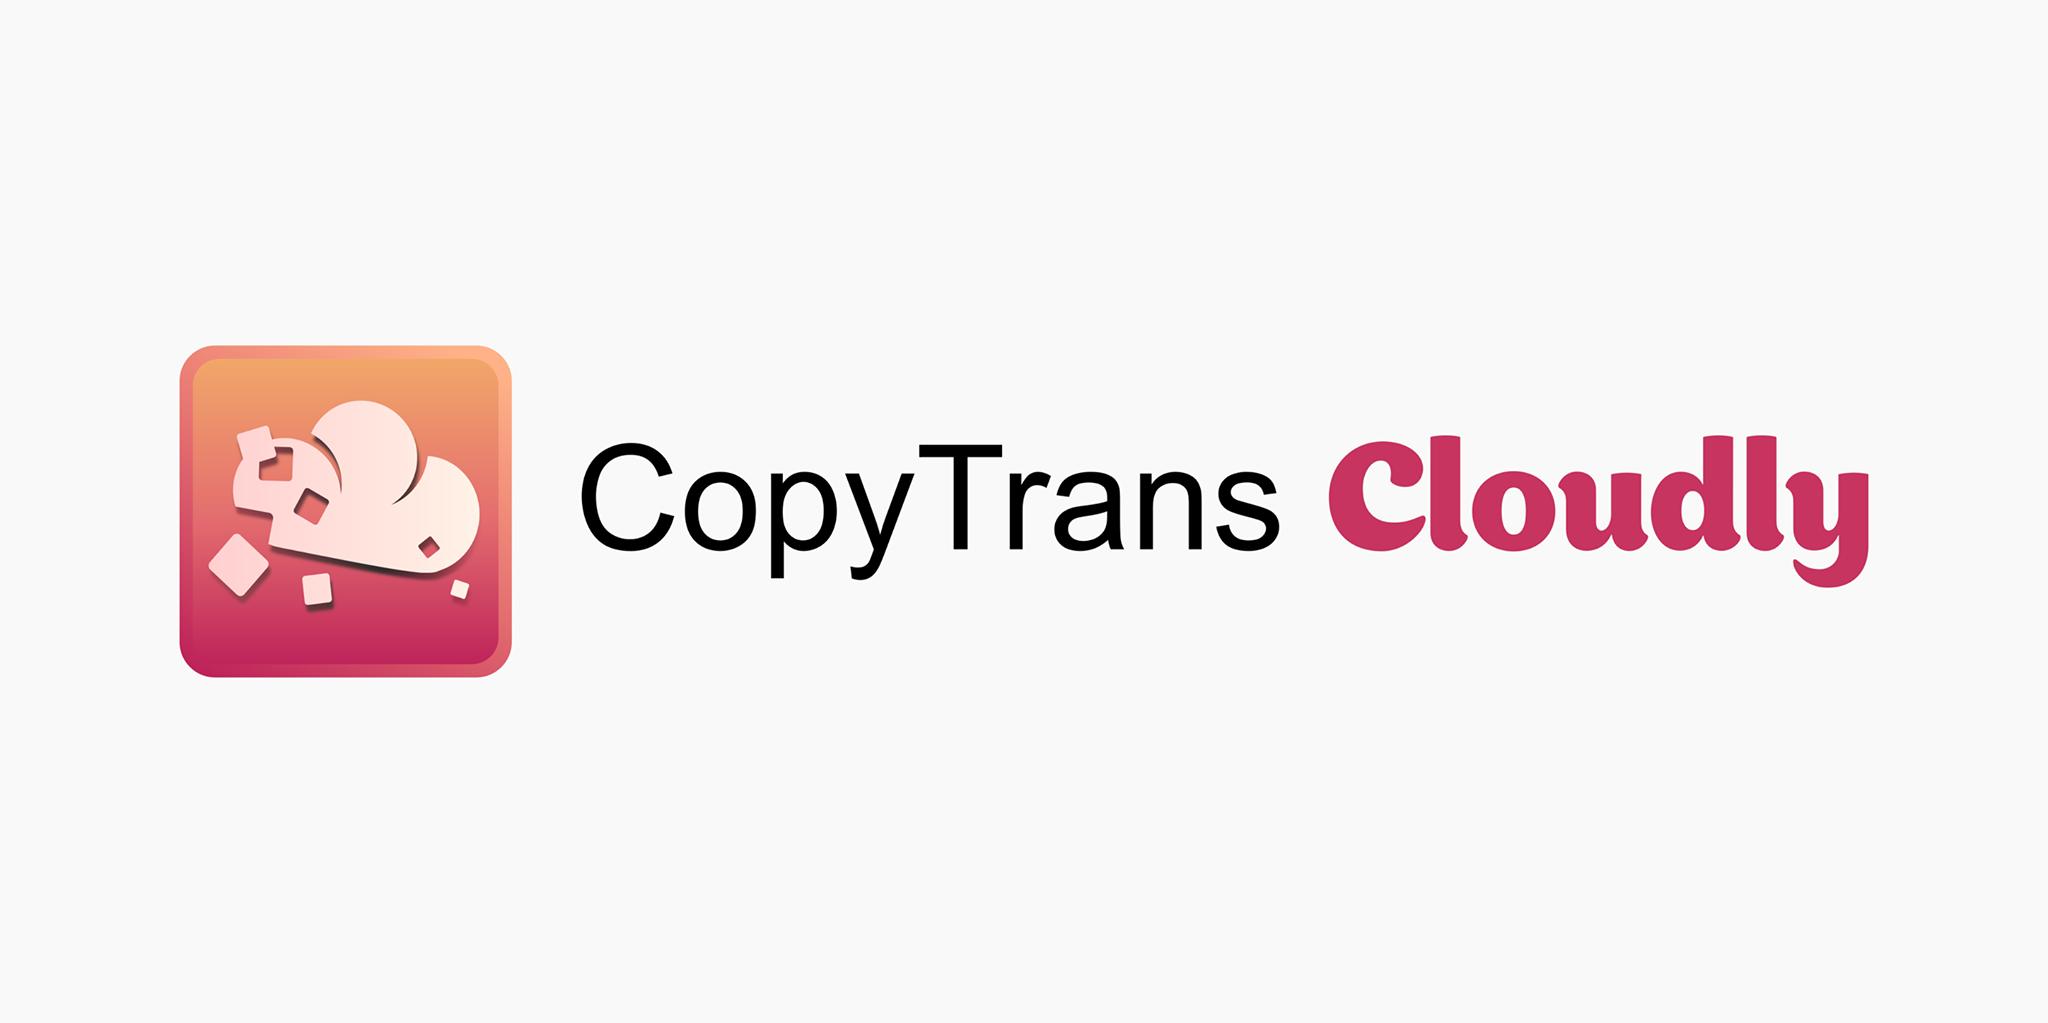 CLOUDY TÉLÉCHARGER COPYTRANS